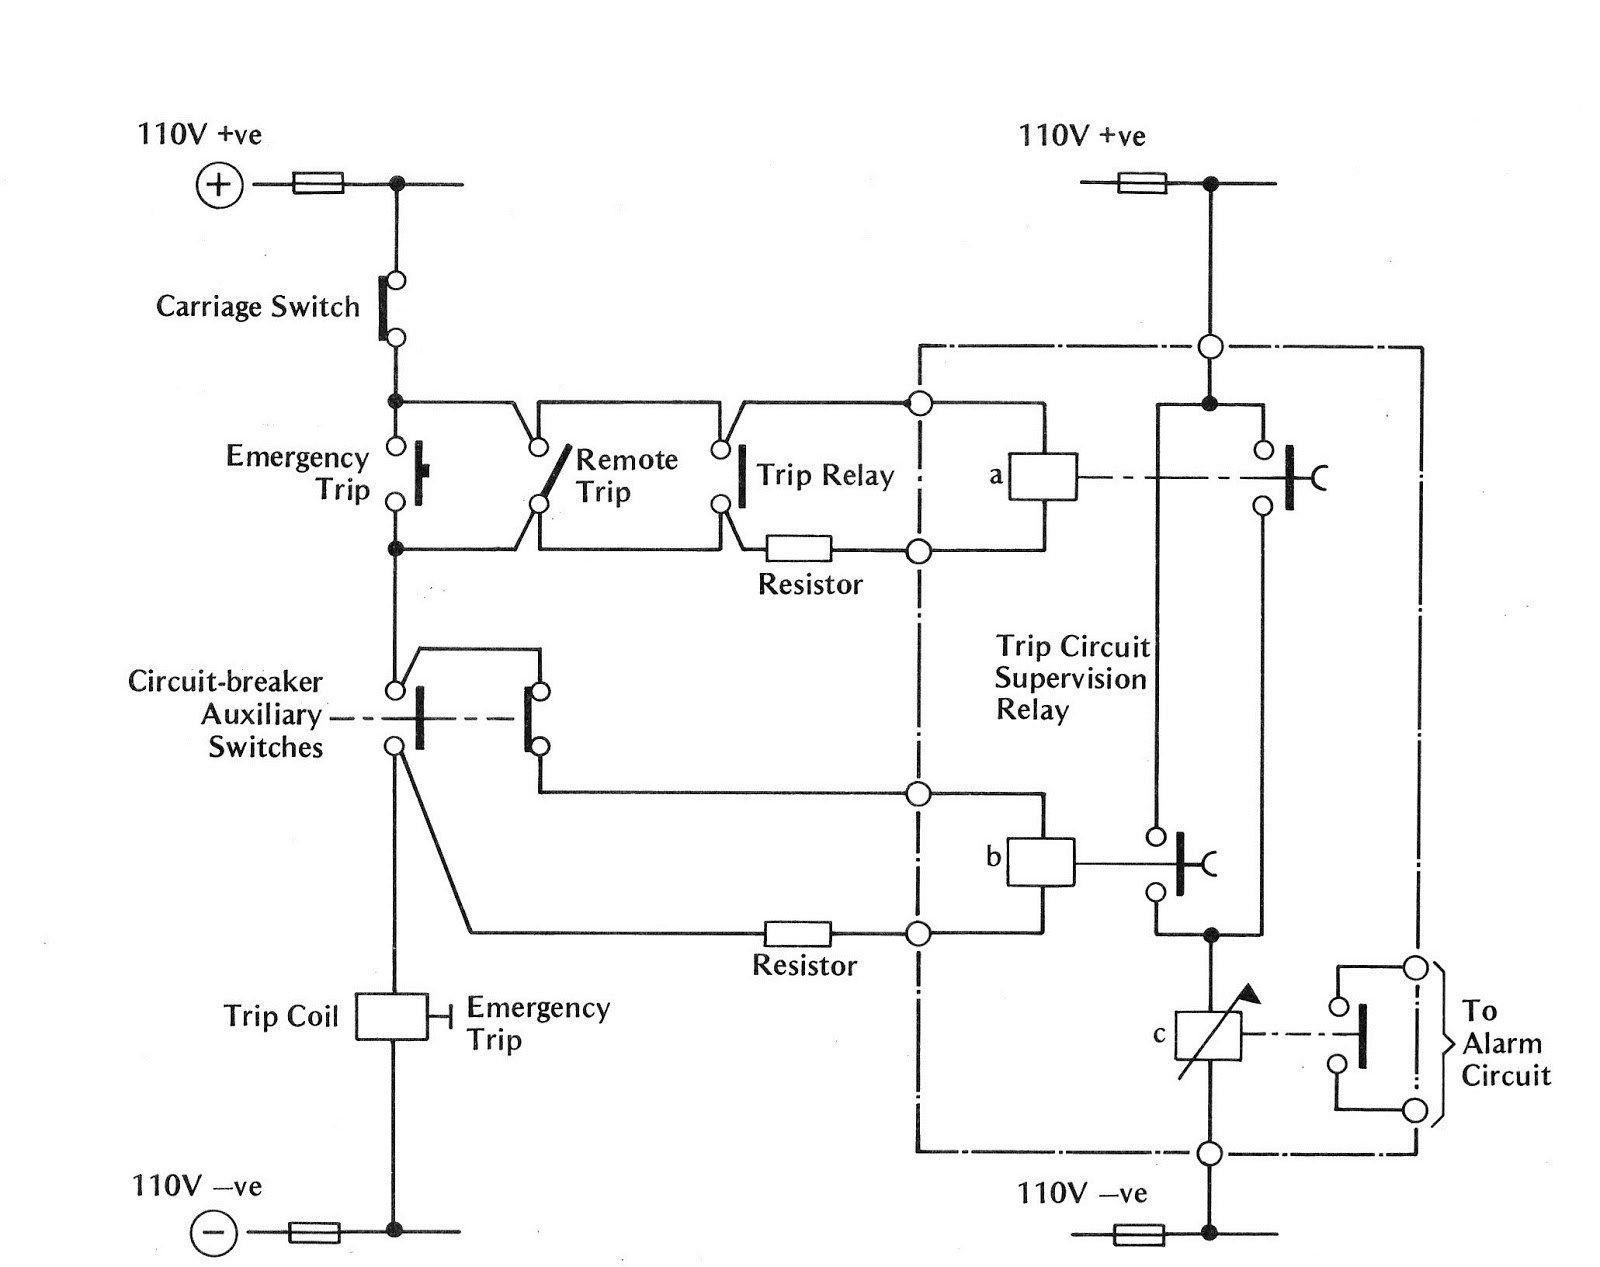 2 Pole Gfci Breaker Wiring Diagram New Unique Gfci Breaker Wiring Diagram Wiring